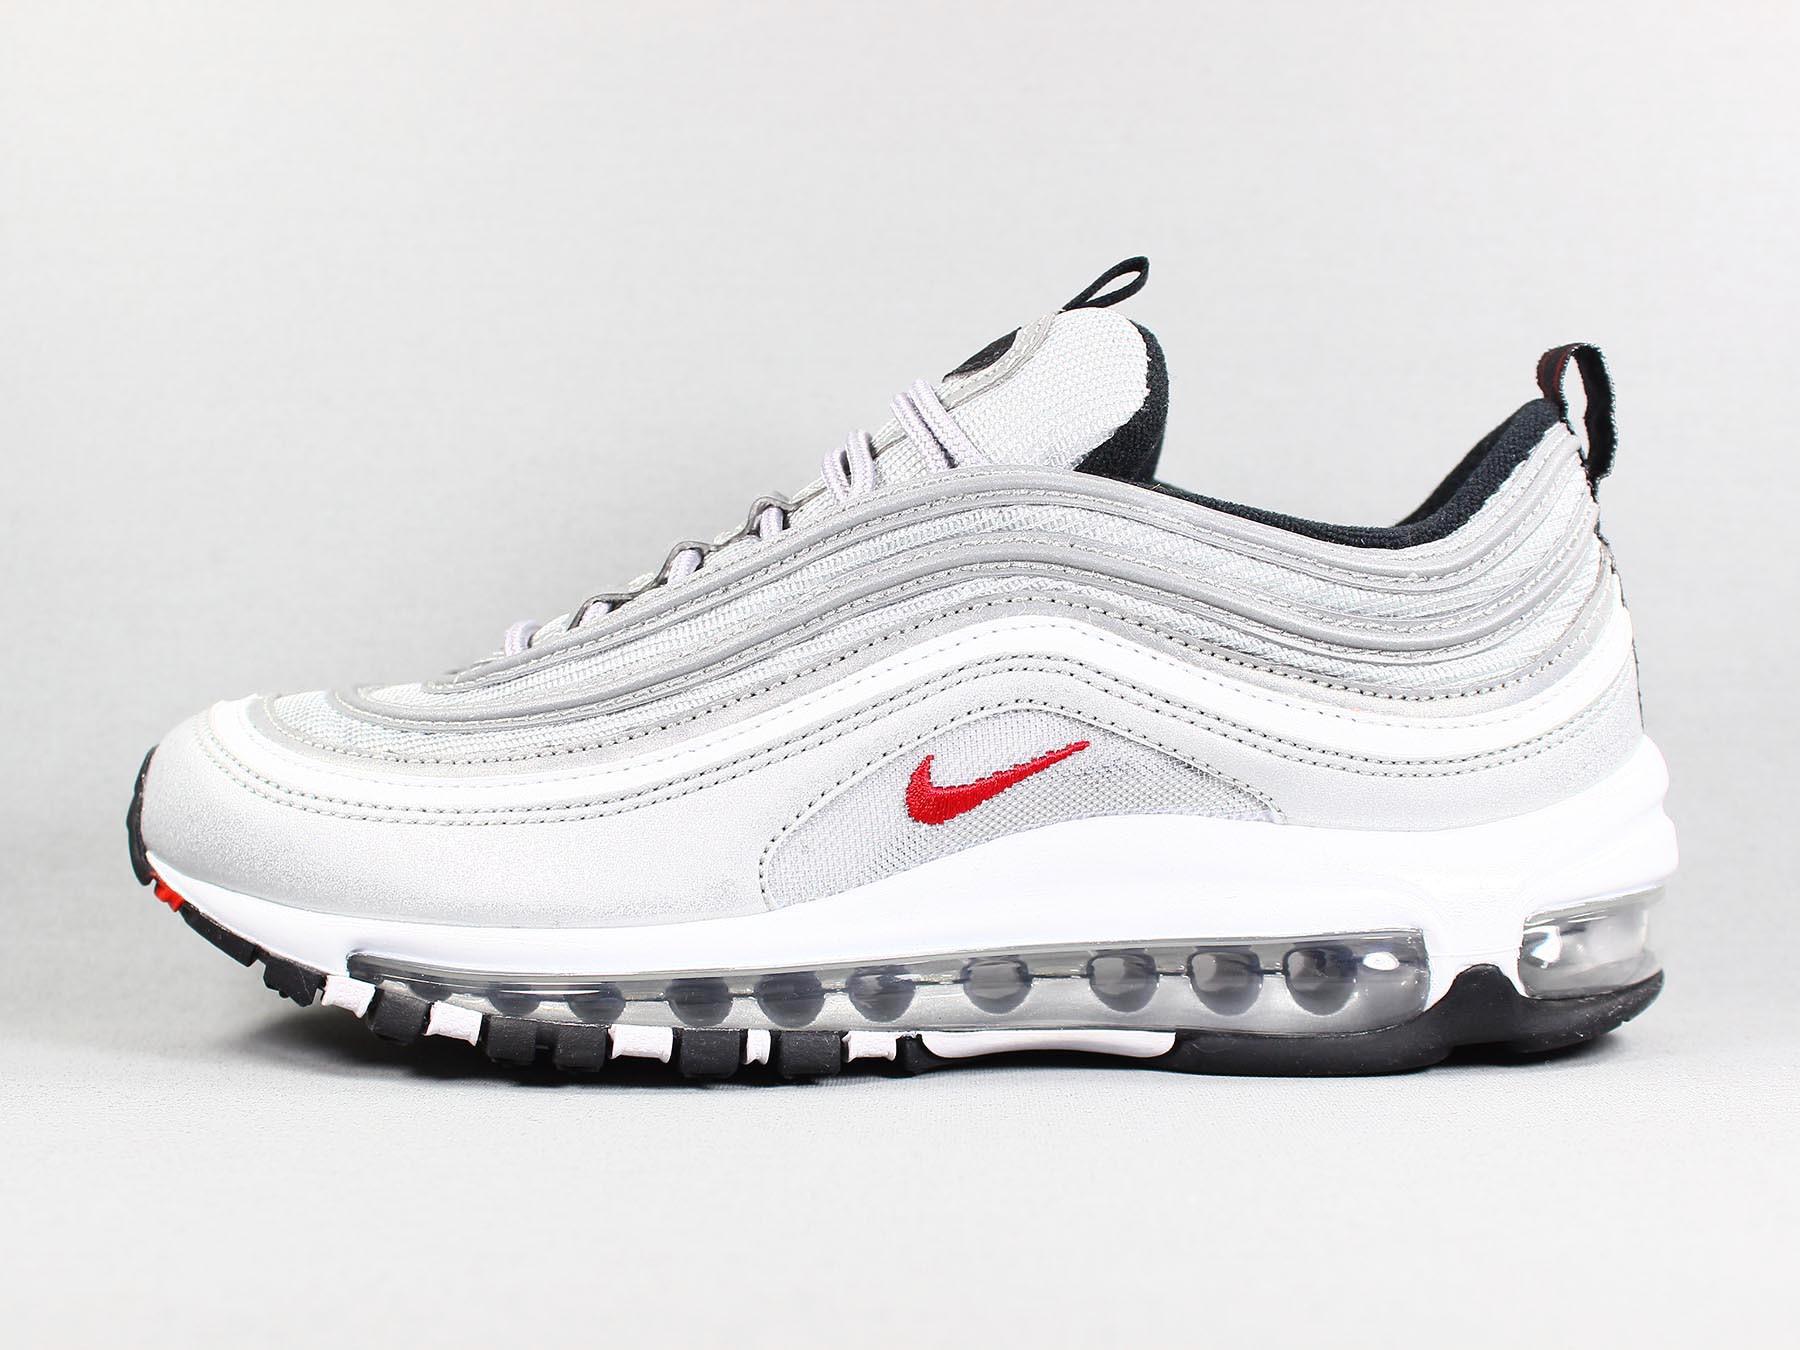 online store d964b 7a827 Prix de gros nike air max 97 og pas cher France vente en ligne, toutes les  gammes de chaussures Nike pour hommes et femmes outlet pas cher.